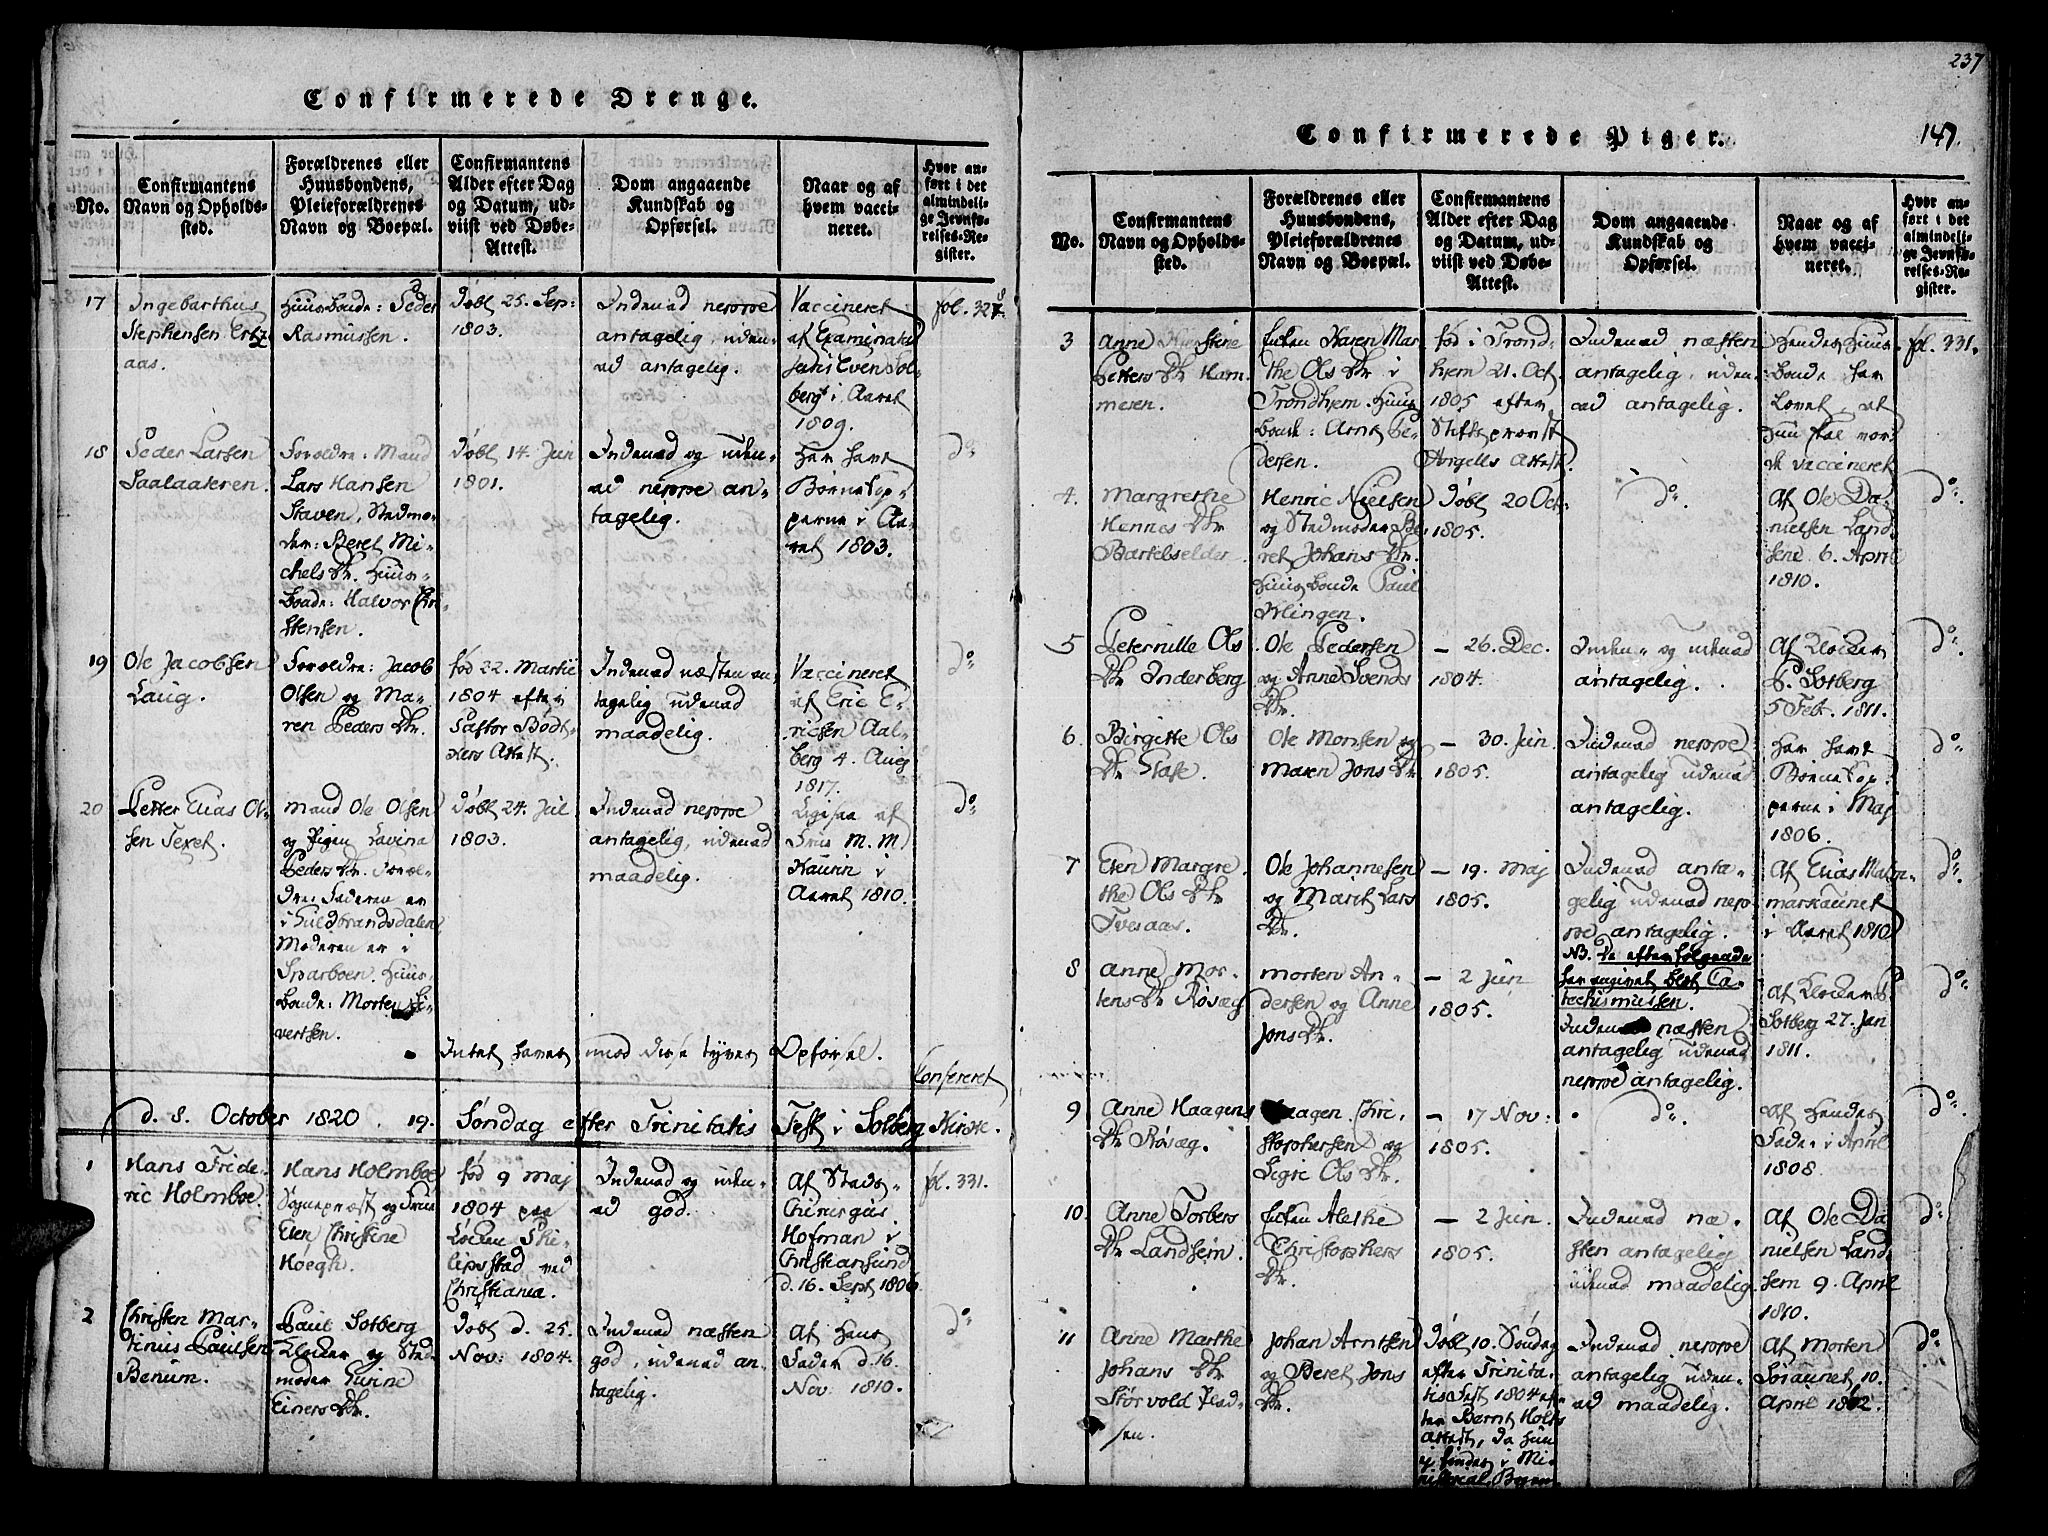 SAT, Ministerialprotokoller, klokkerbøker og fødselsregistre - Nord-Trøndelag, 741/L0387: Ministerialbok nr. 741A03 /1, 1817-1822, s. 147